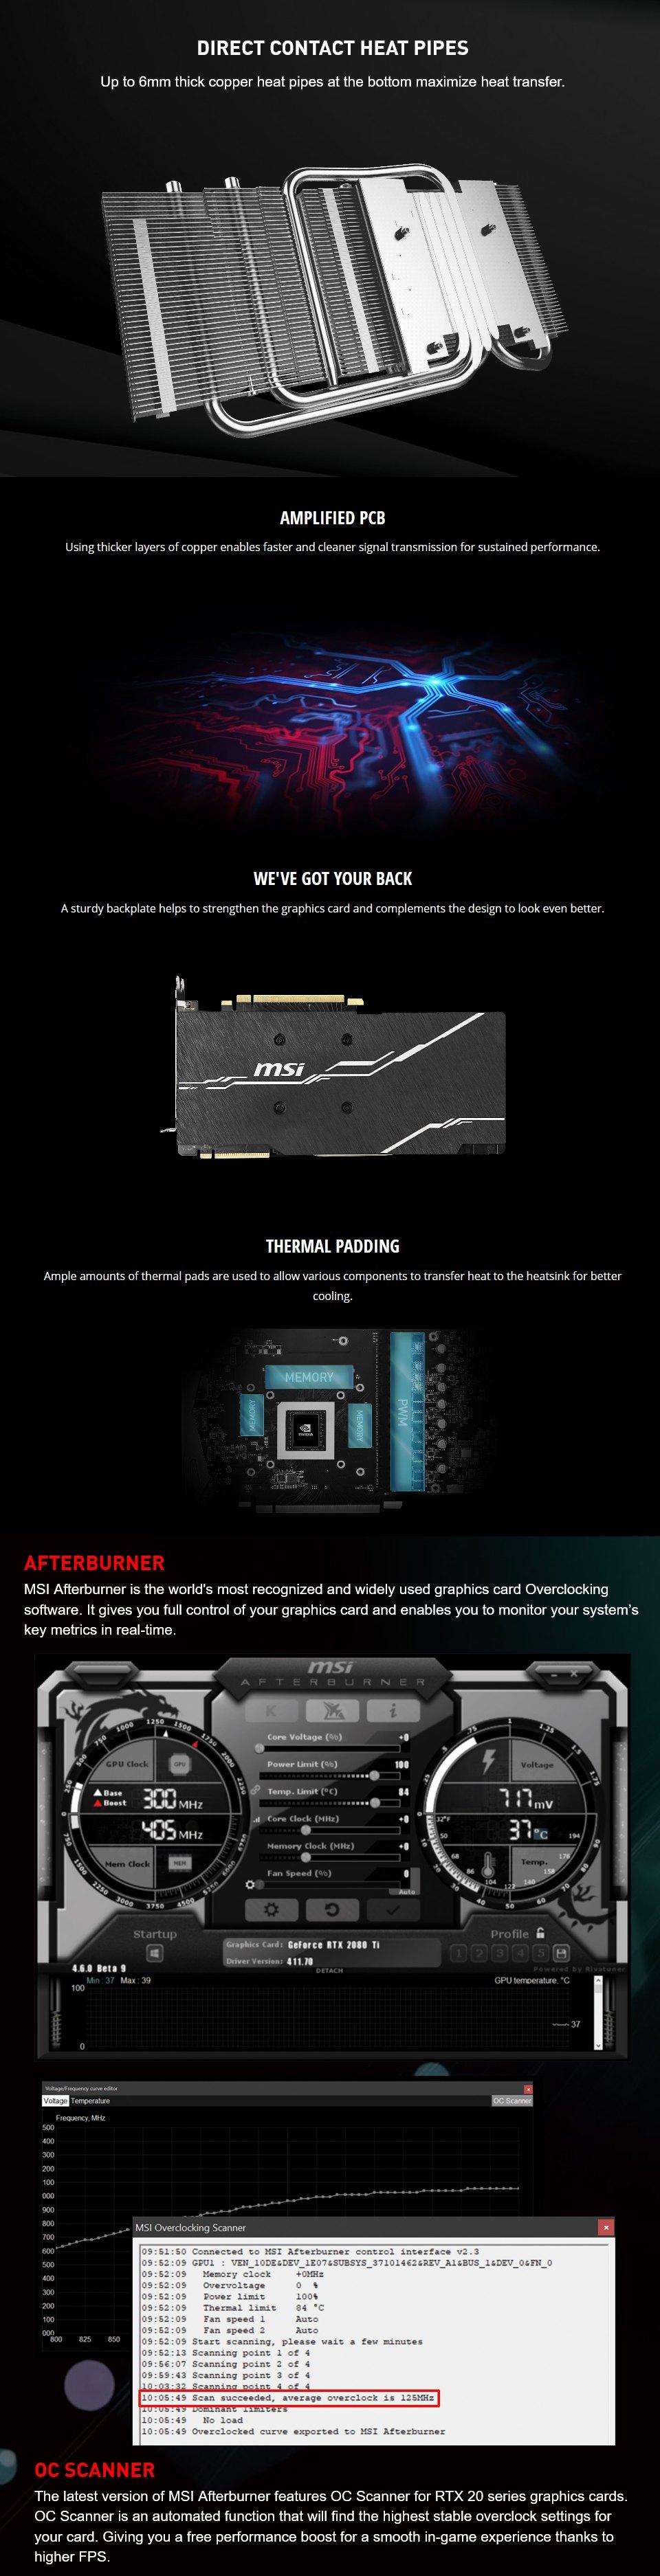 MSI GeForce RTX 2070 Super Ventus GP OC 8GB features 2